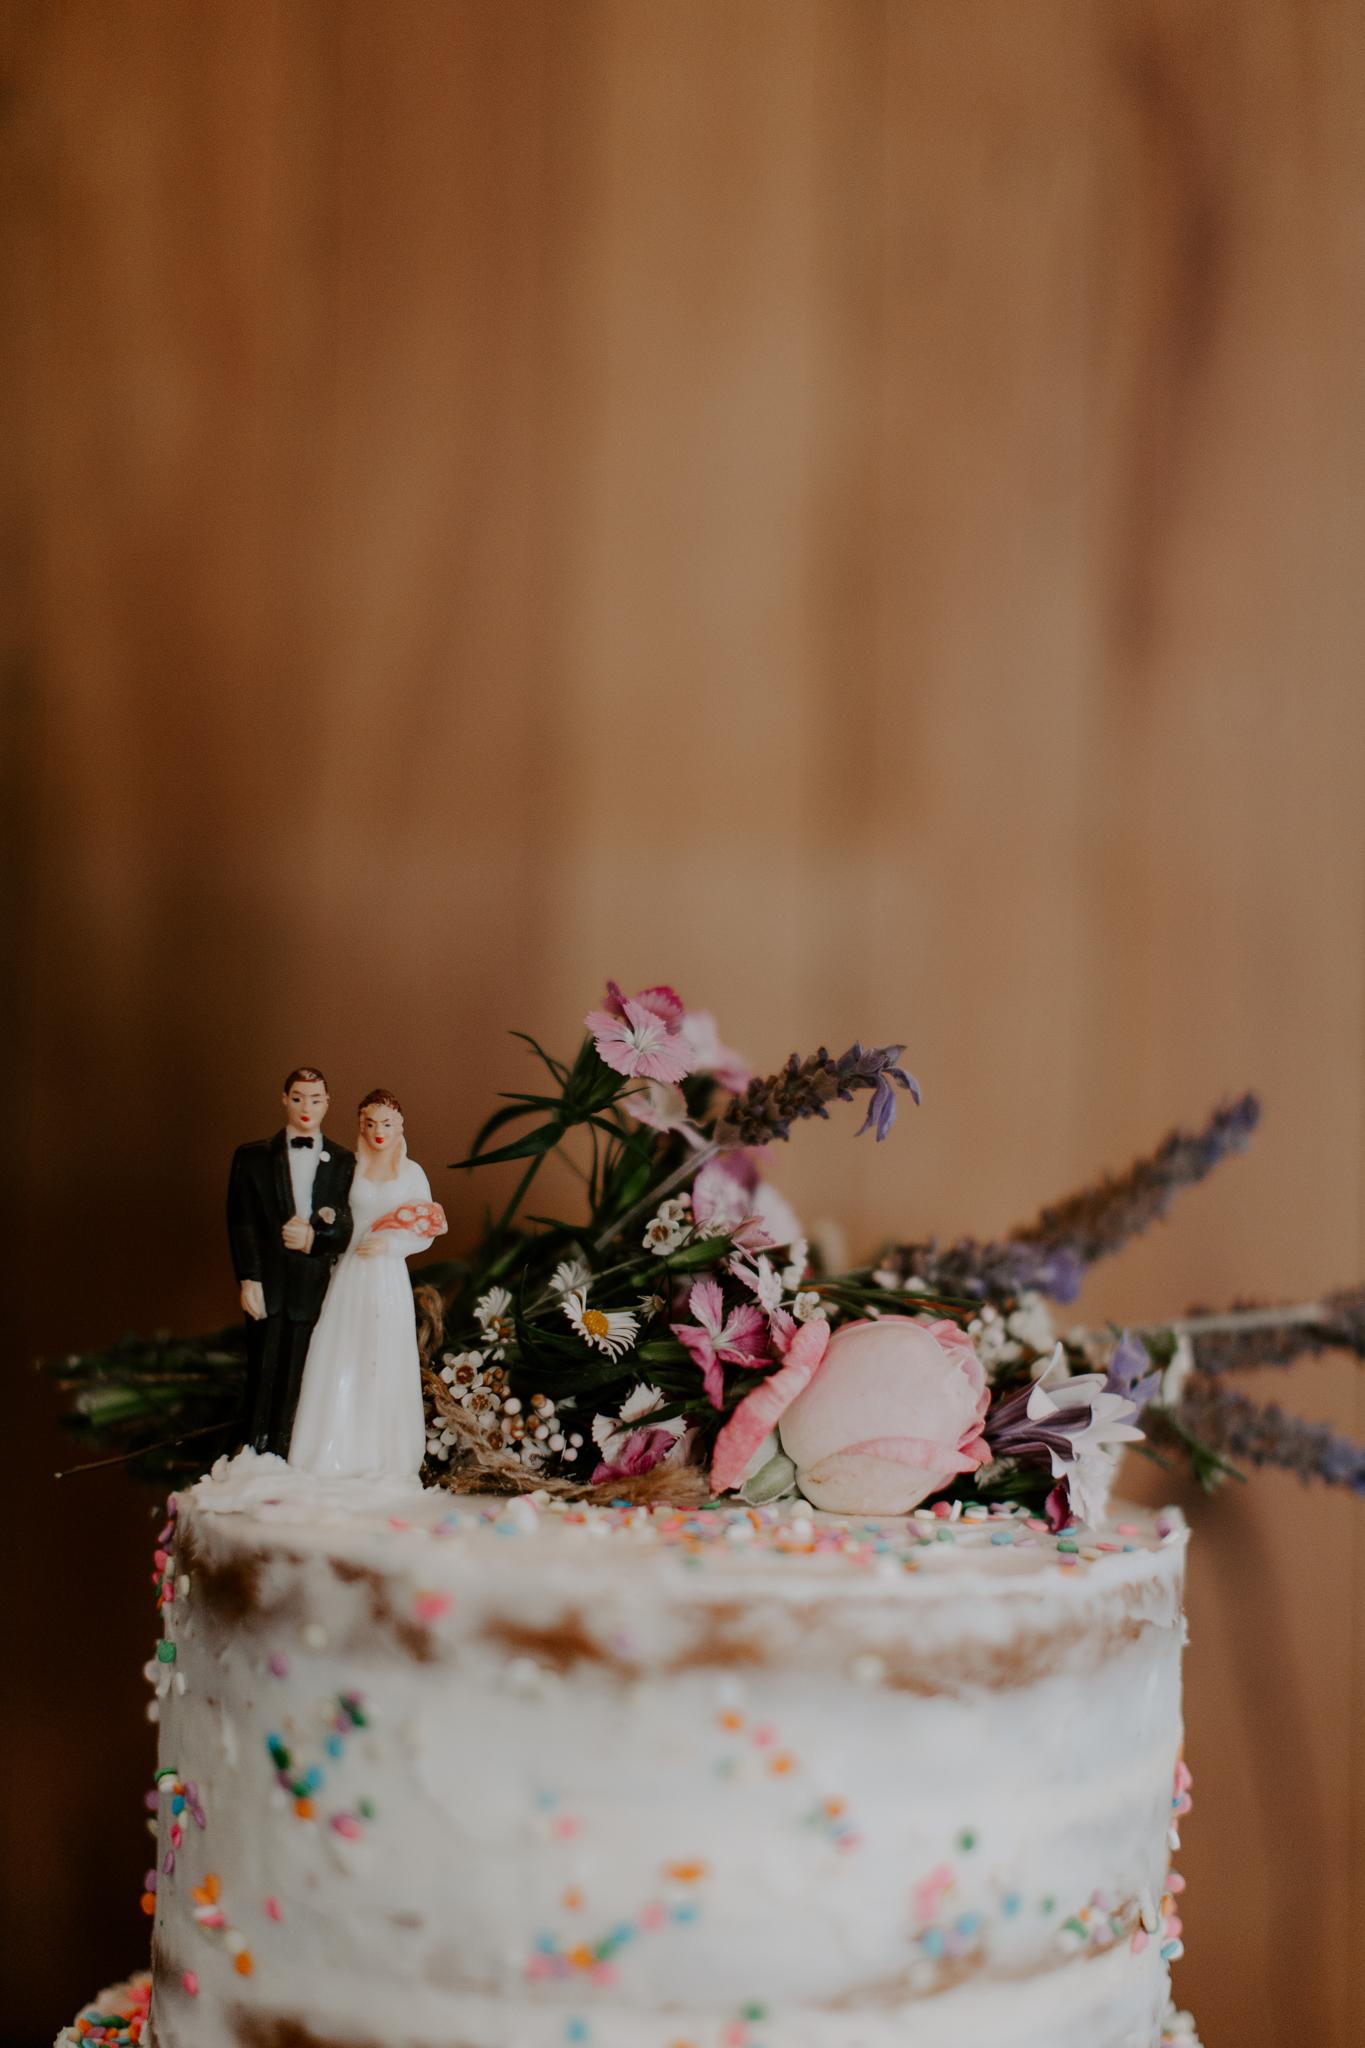 Heide-Museum-of-Modern-Art-Wedding-Emotions-and-Math-011.jpg